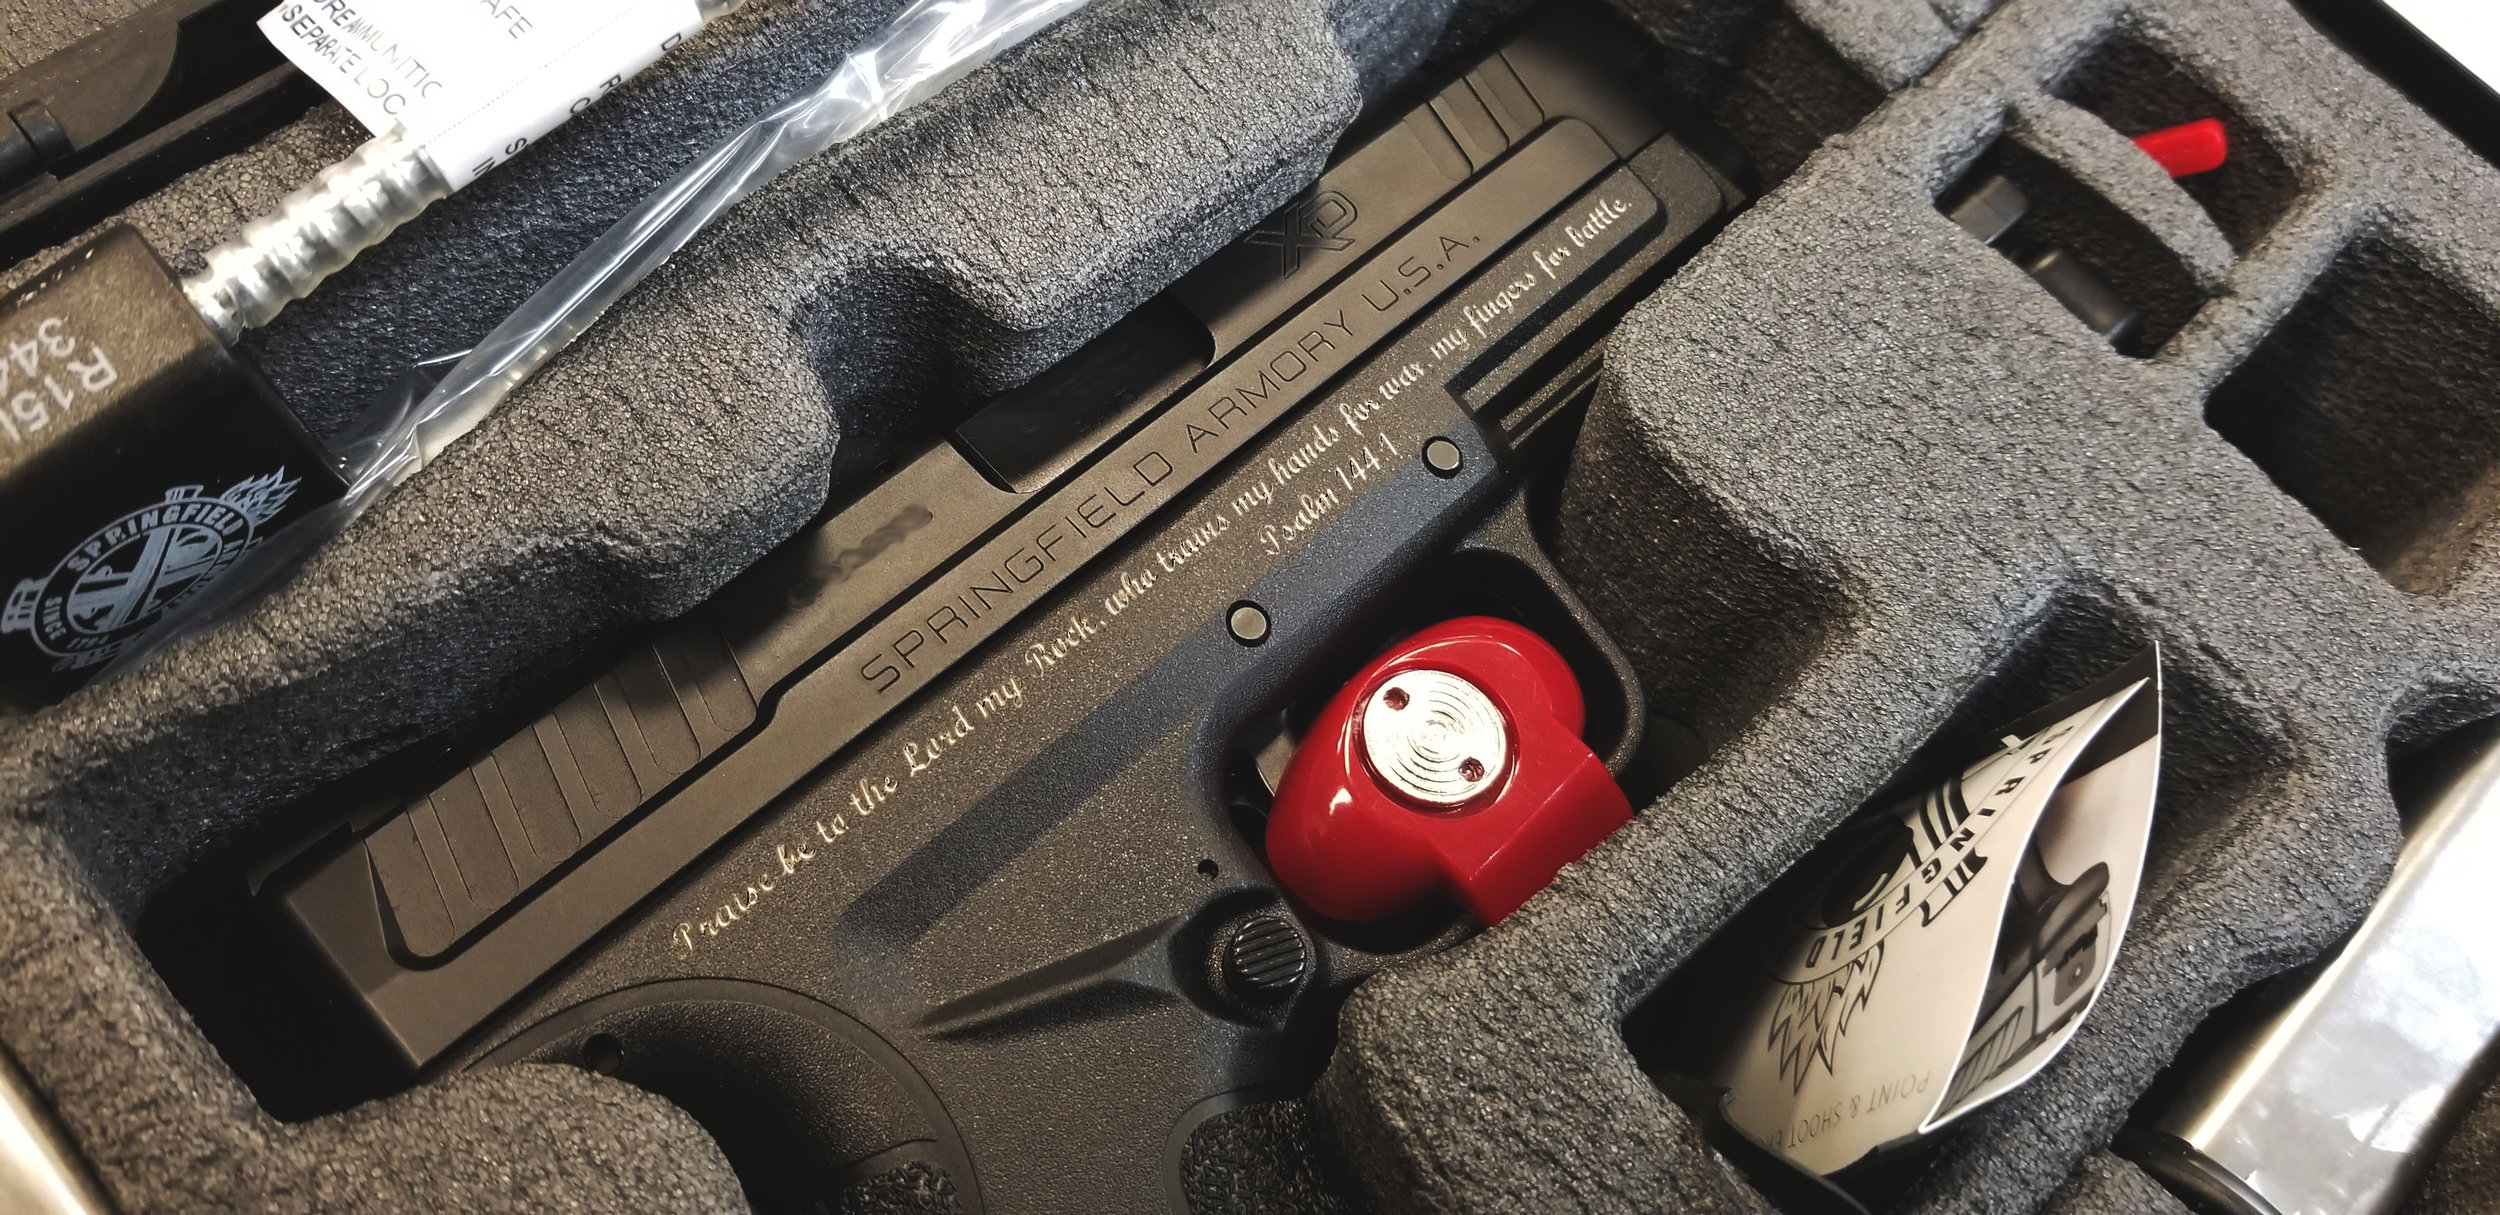 Custom Laser Engraved Firearm, Firearm Engraving, Custom Engraved Glock Slide, Engraved Glock, Gun Engraving, Slide Engraving, Custom Firearm Slide Engraving - Firearm Projects - Engrave It Houston